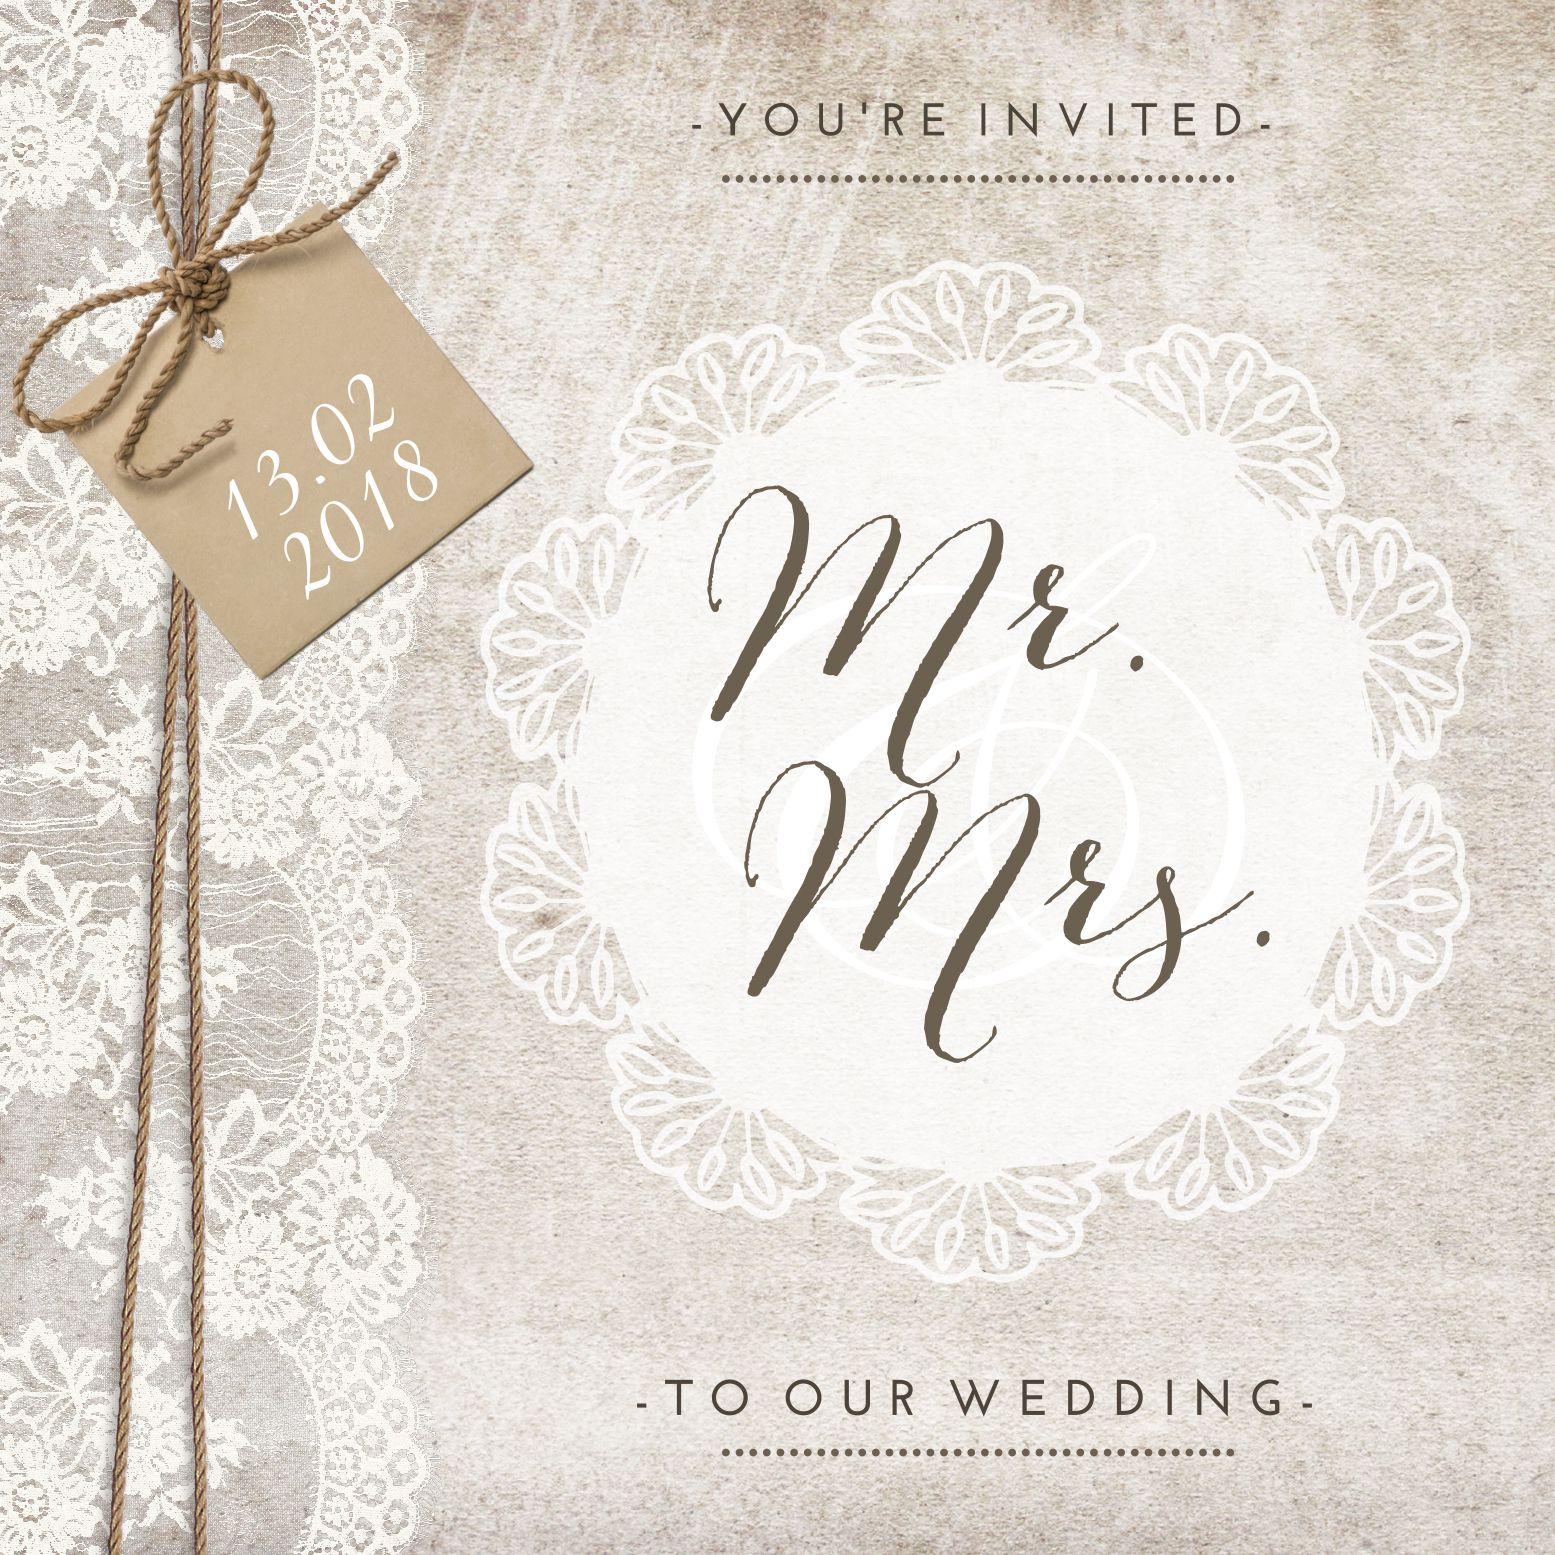 Hedendaags Vintage wedding card met sierlijke typografie en kant (met TJ-56